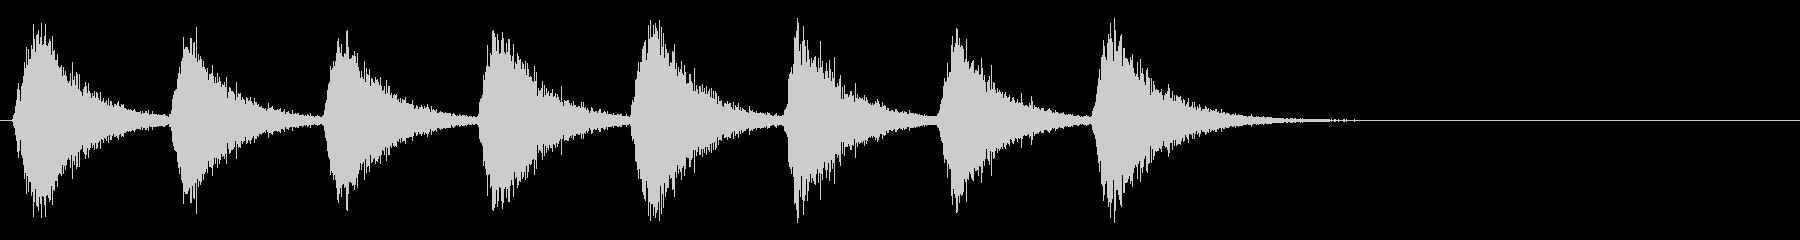 ドラゴンの羽ばたき1_リバーブの未再生の波形